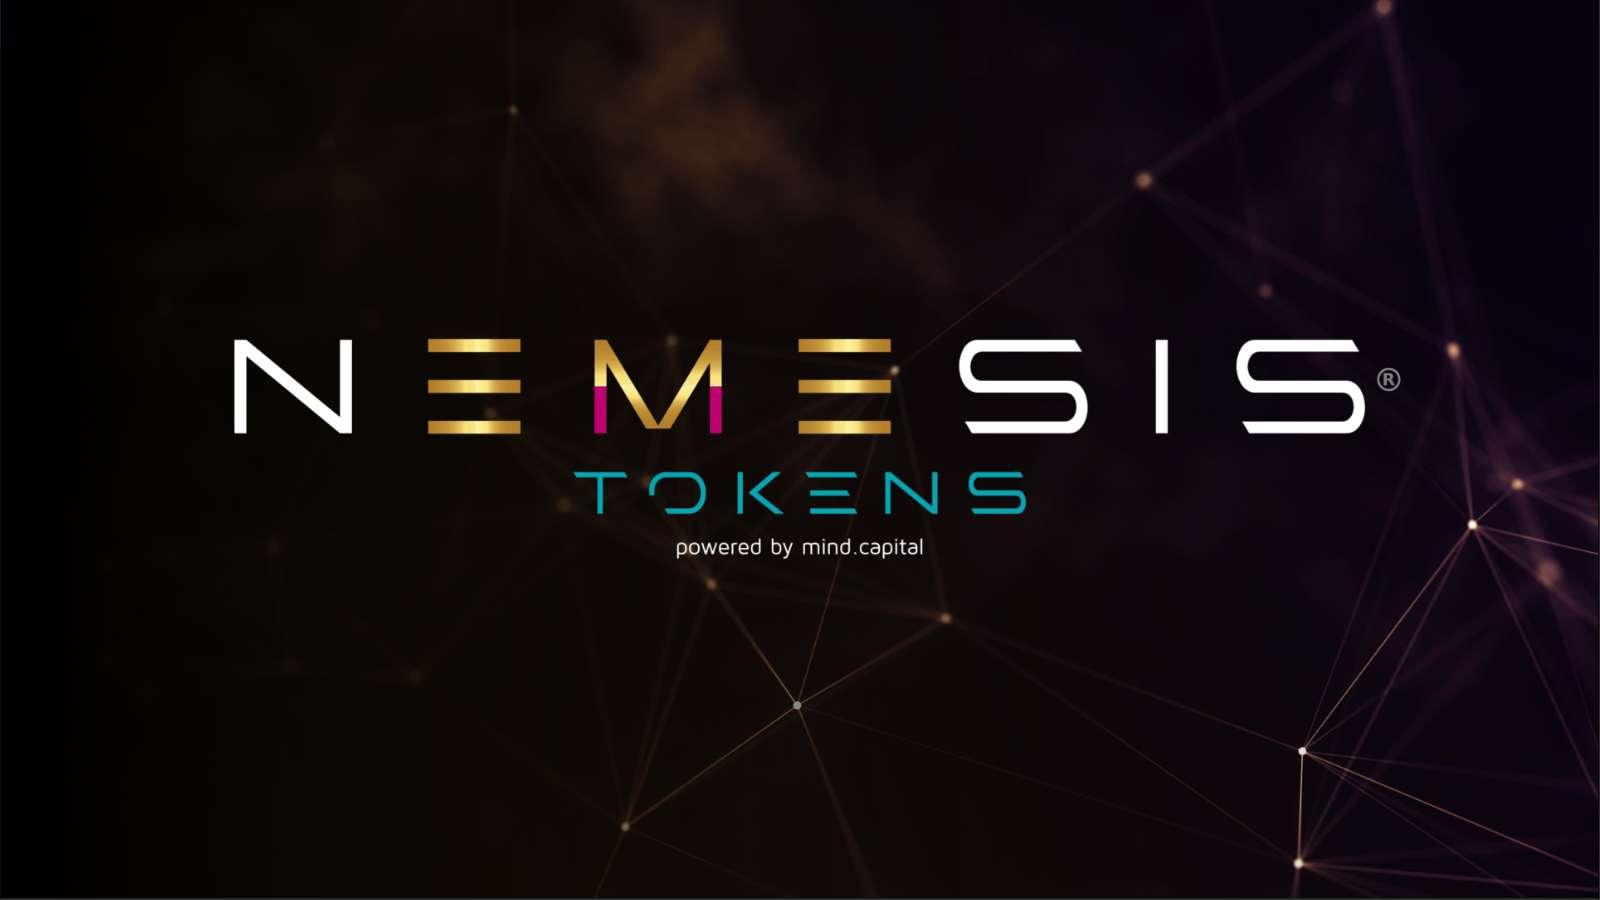 Mind Capital lanza Tokens Némesis, un sistema revolucionario para participar en carteras de criptomonedas